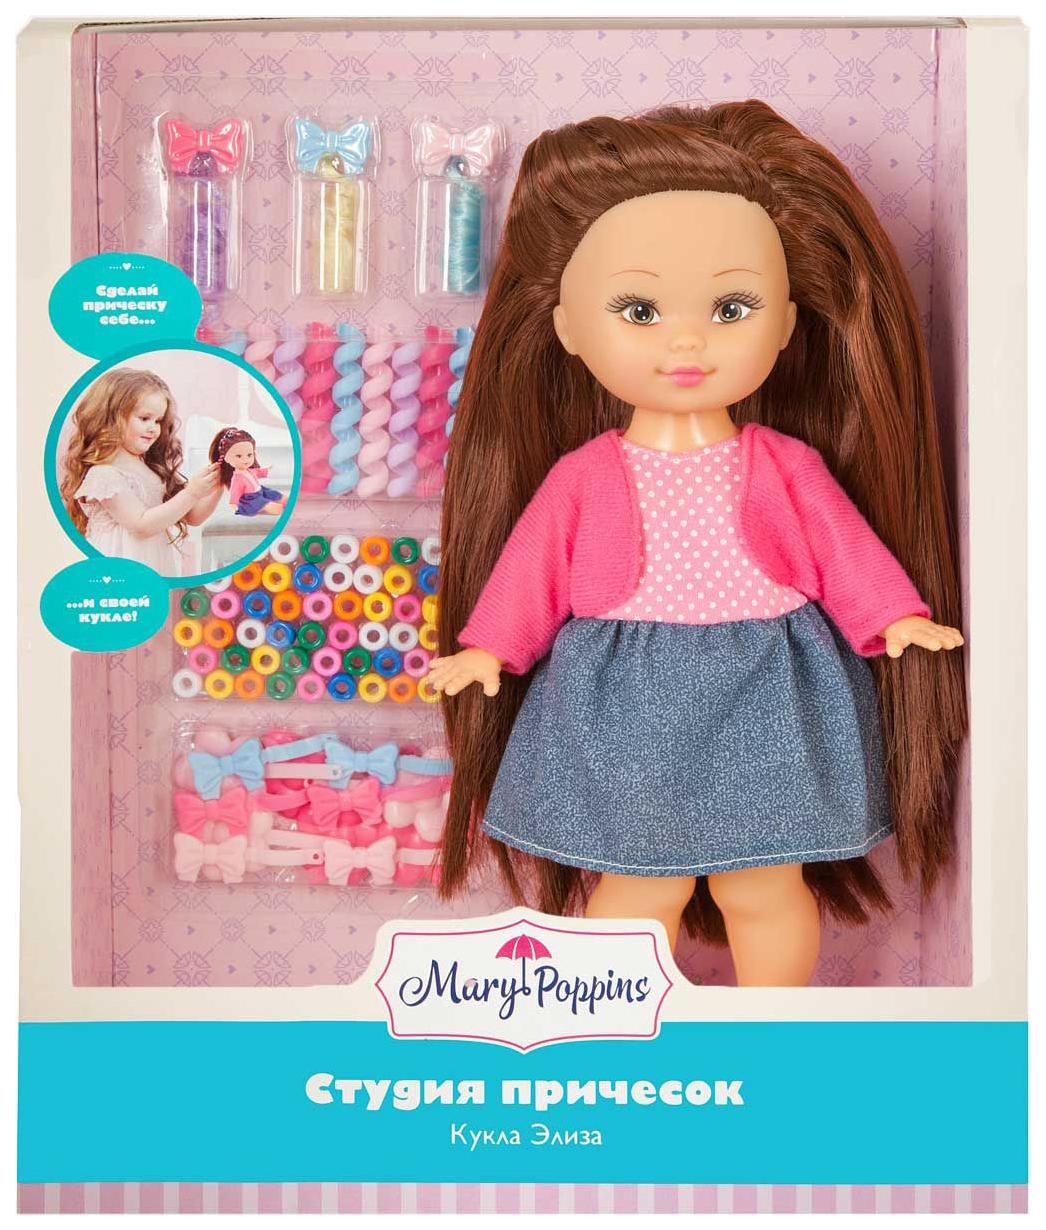 Кукла Mary Poppins Элиза студия причесок 451217